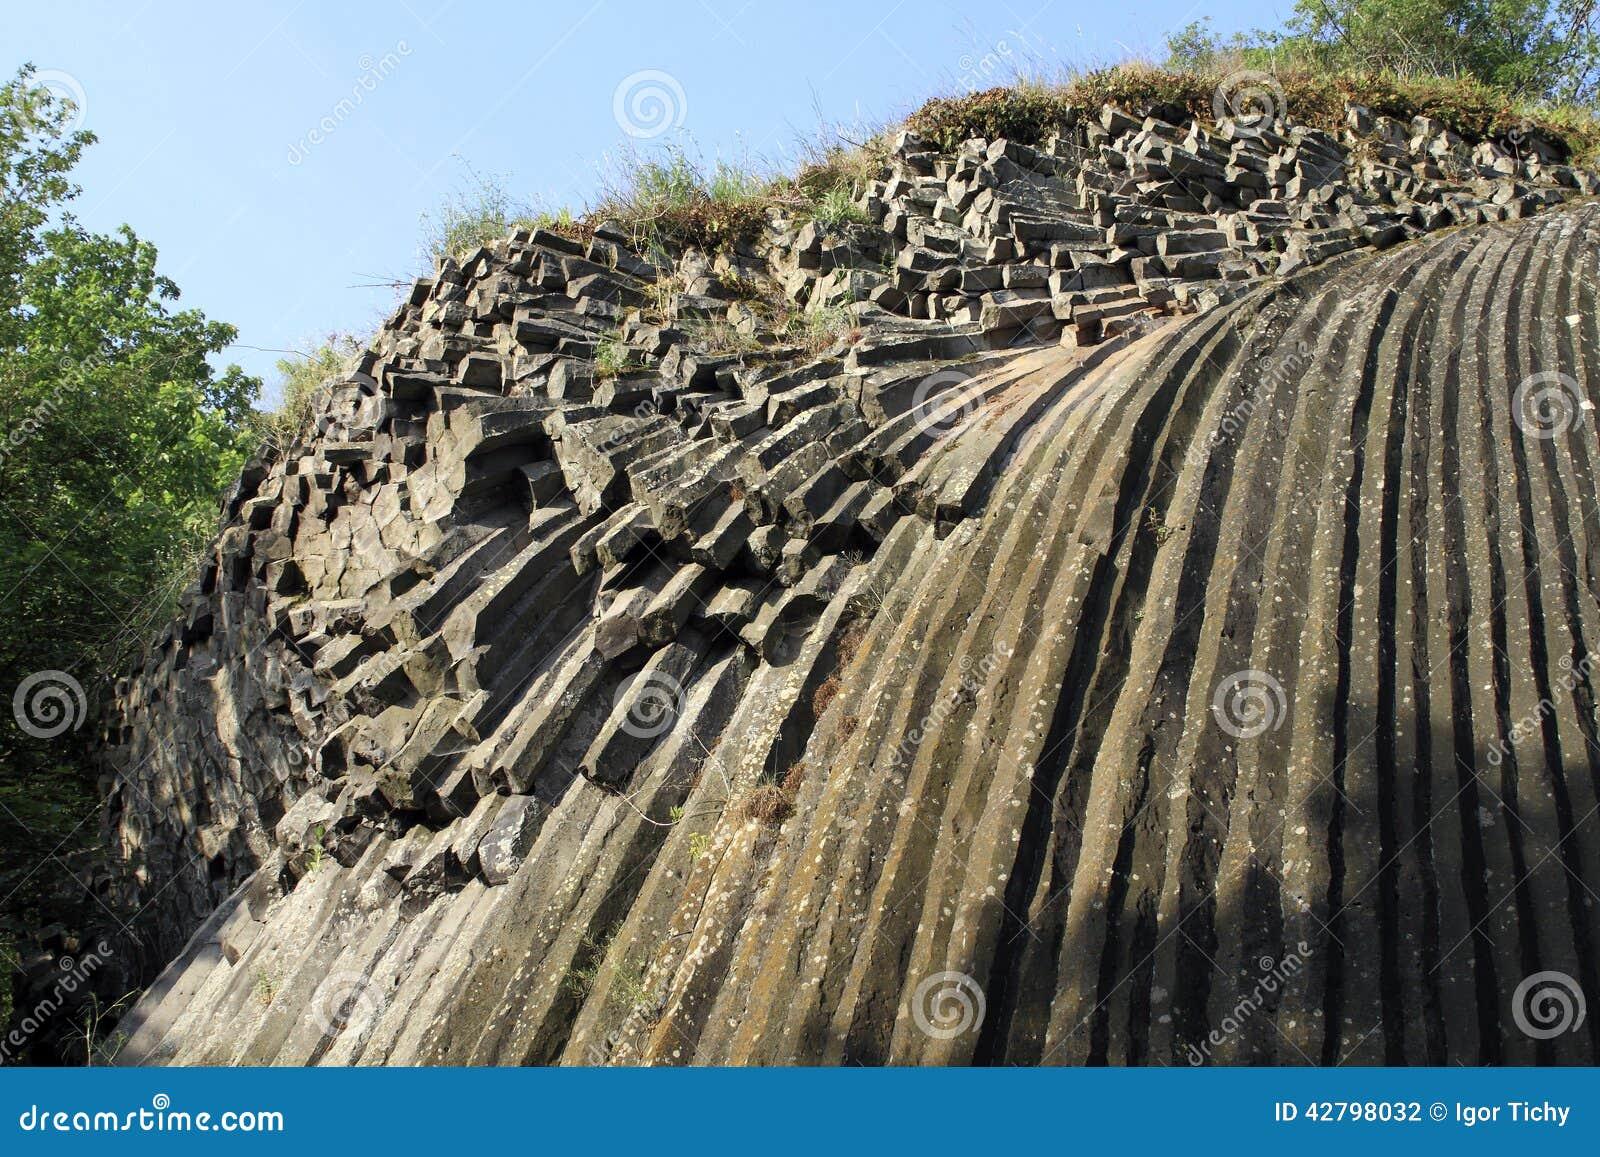 Cascada De Piedra En Somoska Foto De Archivo Imagen